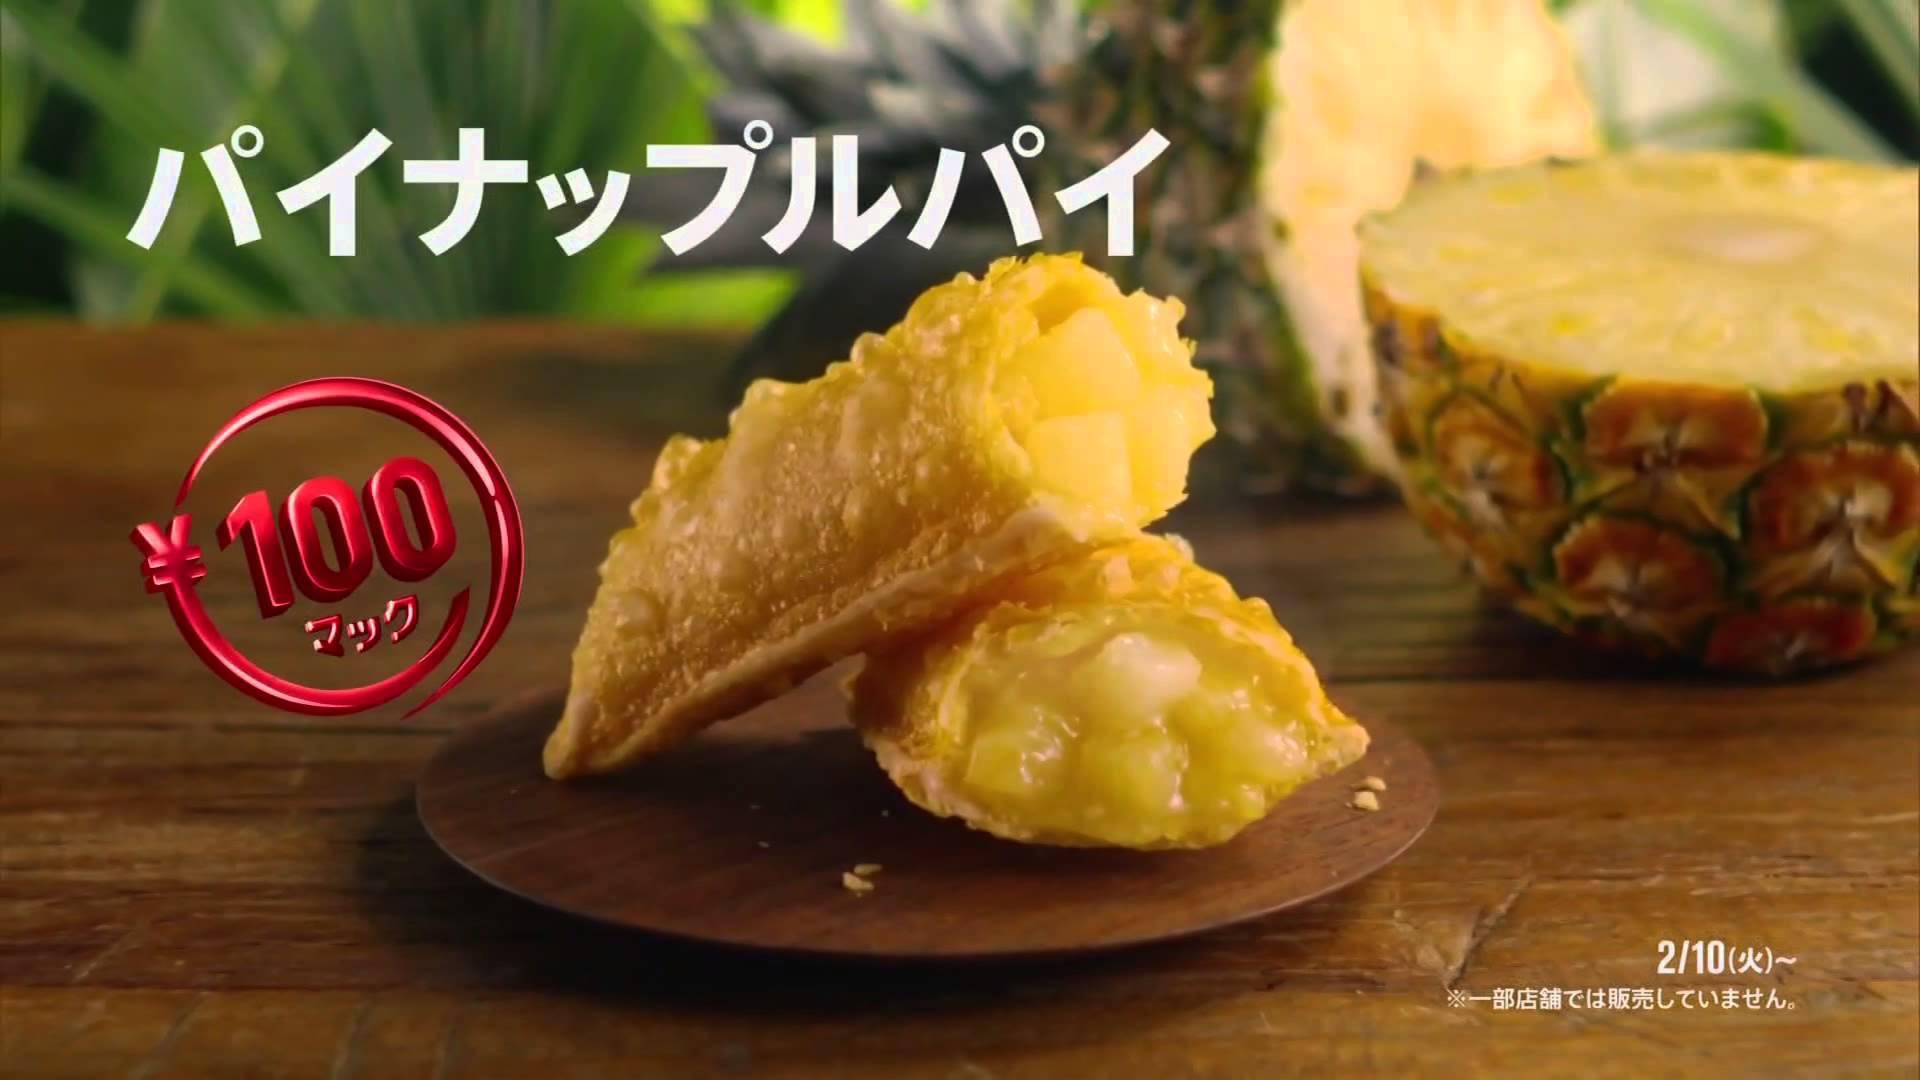 マックの『パイナップルパイ』が人気過ぎて、もうすぐ販売終了に